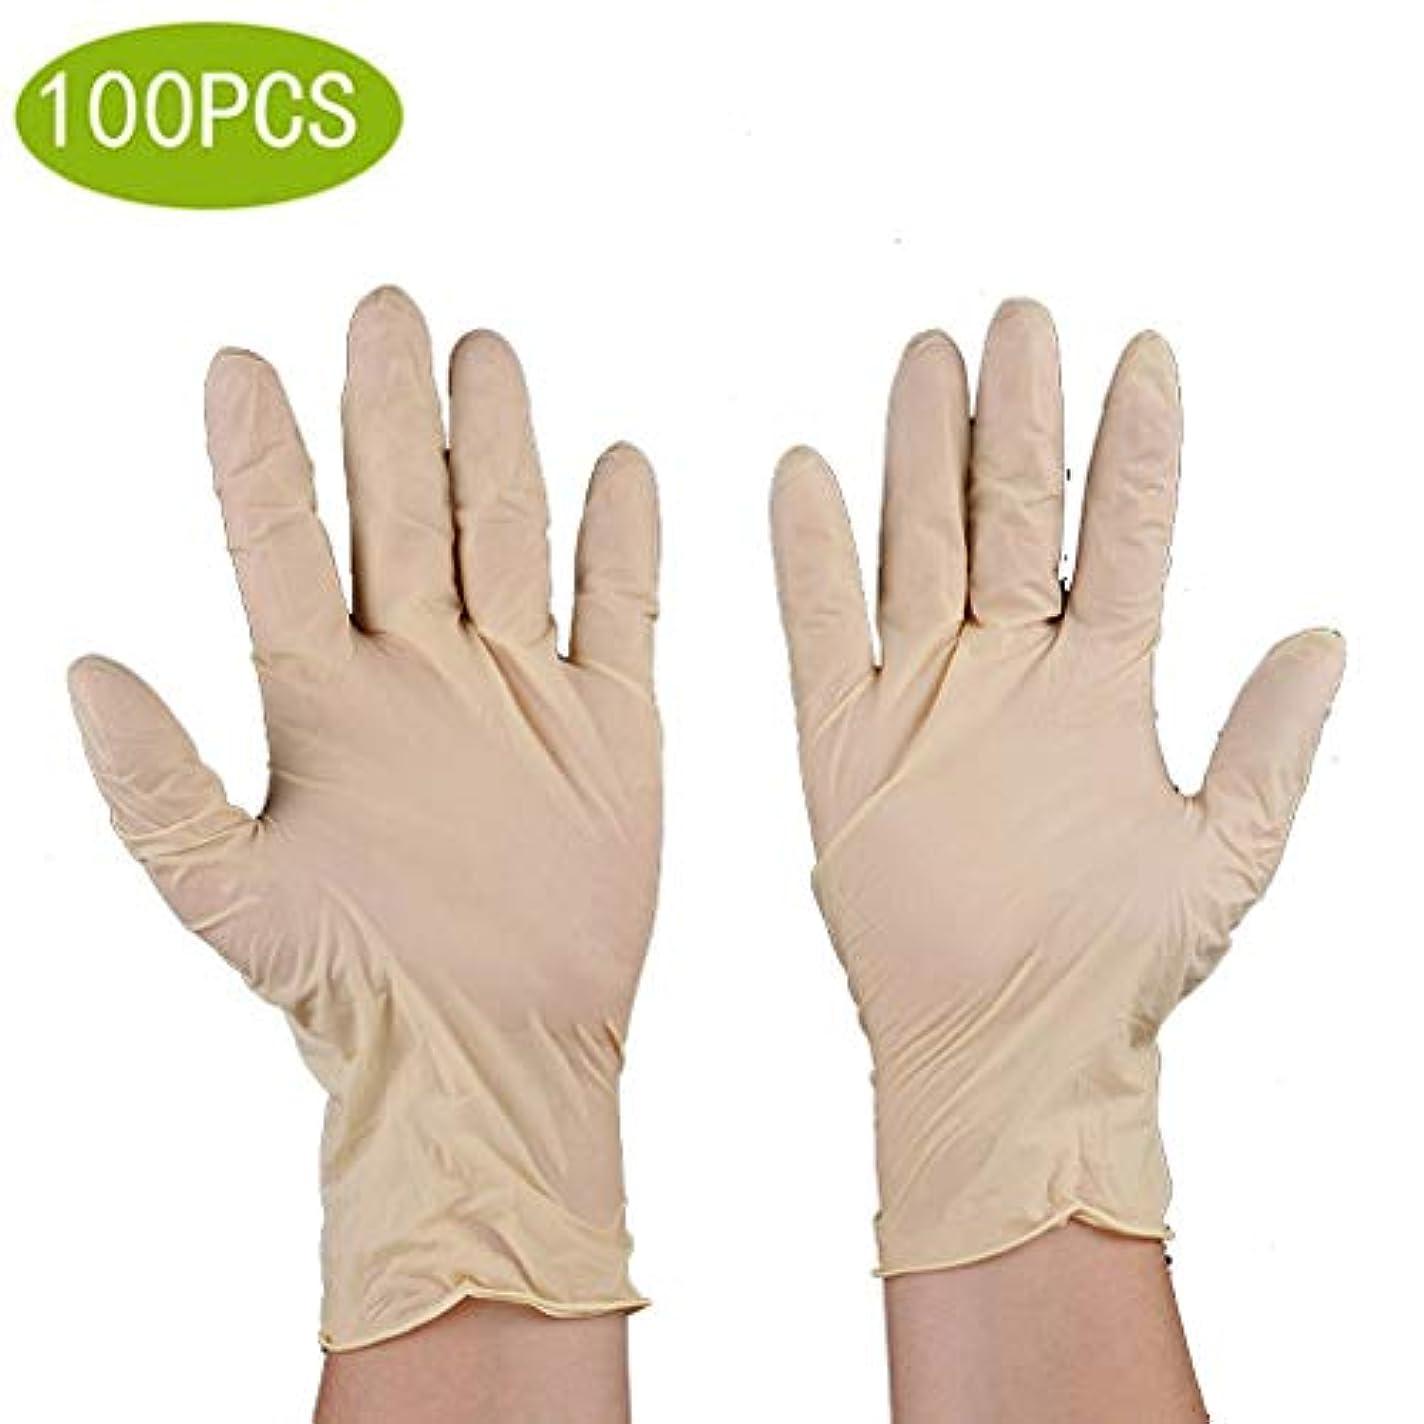 劣る中庭火薬使い捨て手袋食品ケータリング手術丁清ゴム労働保護ラテックス肌キッチン厚い試験/食品グレード安全用品、使い捨てハンドグローブディスペンサー[100個] (Size : S)